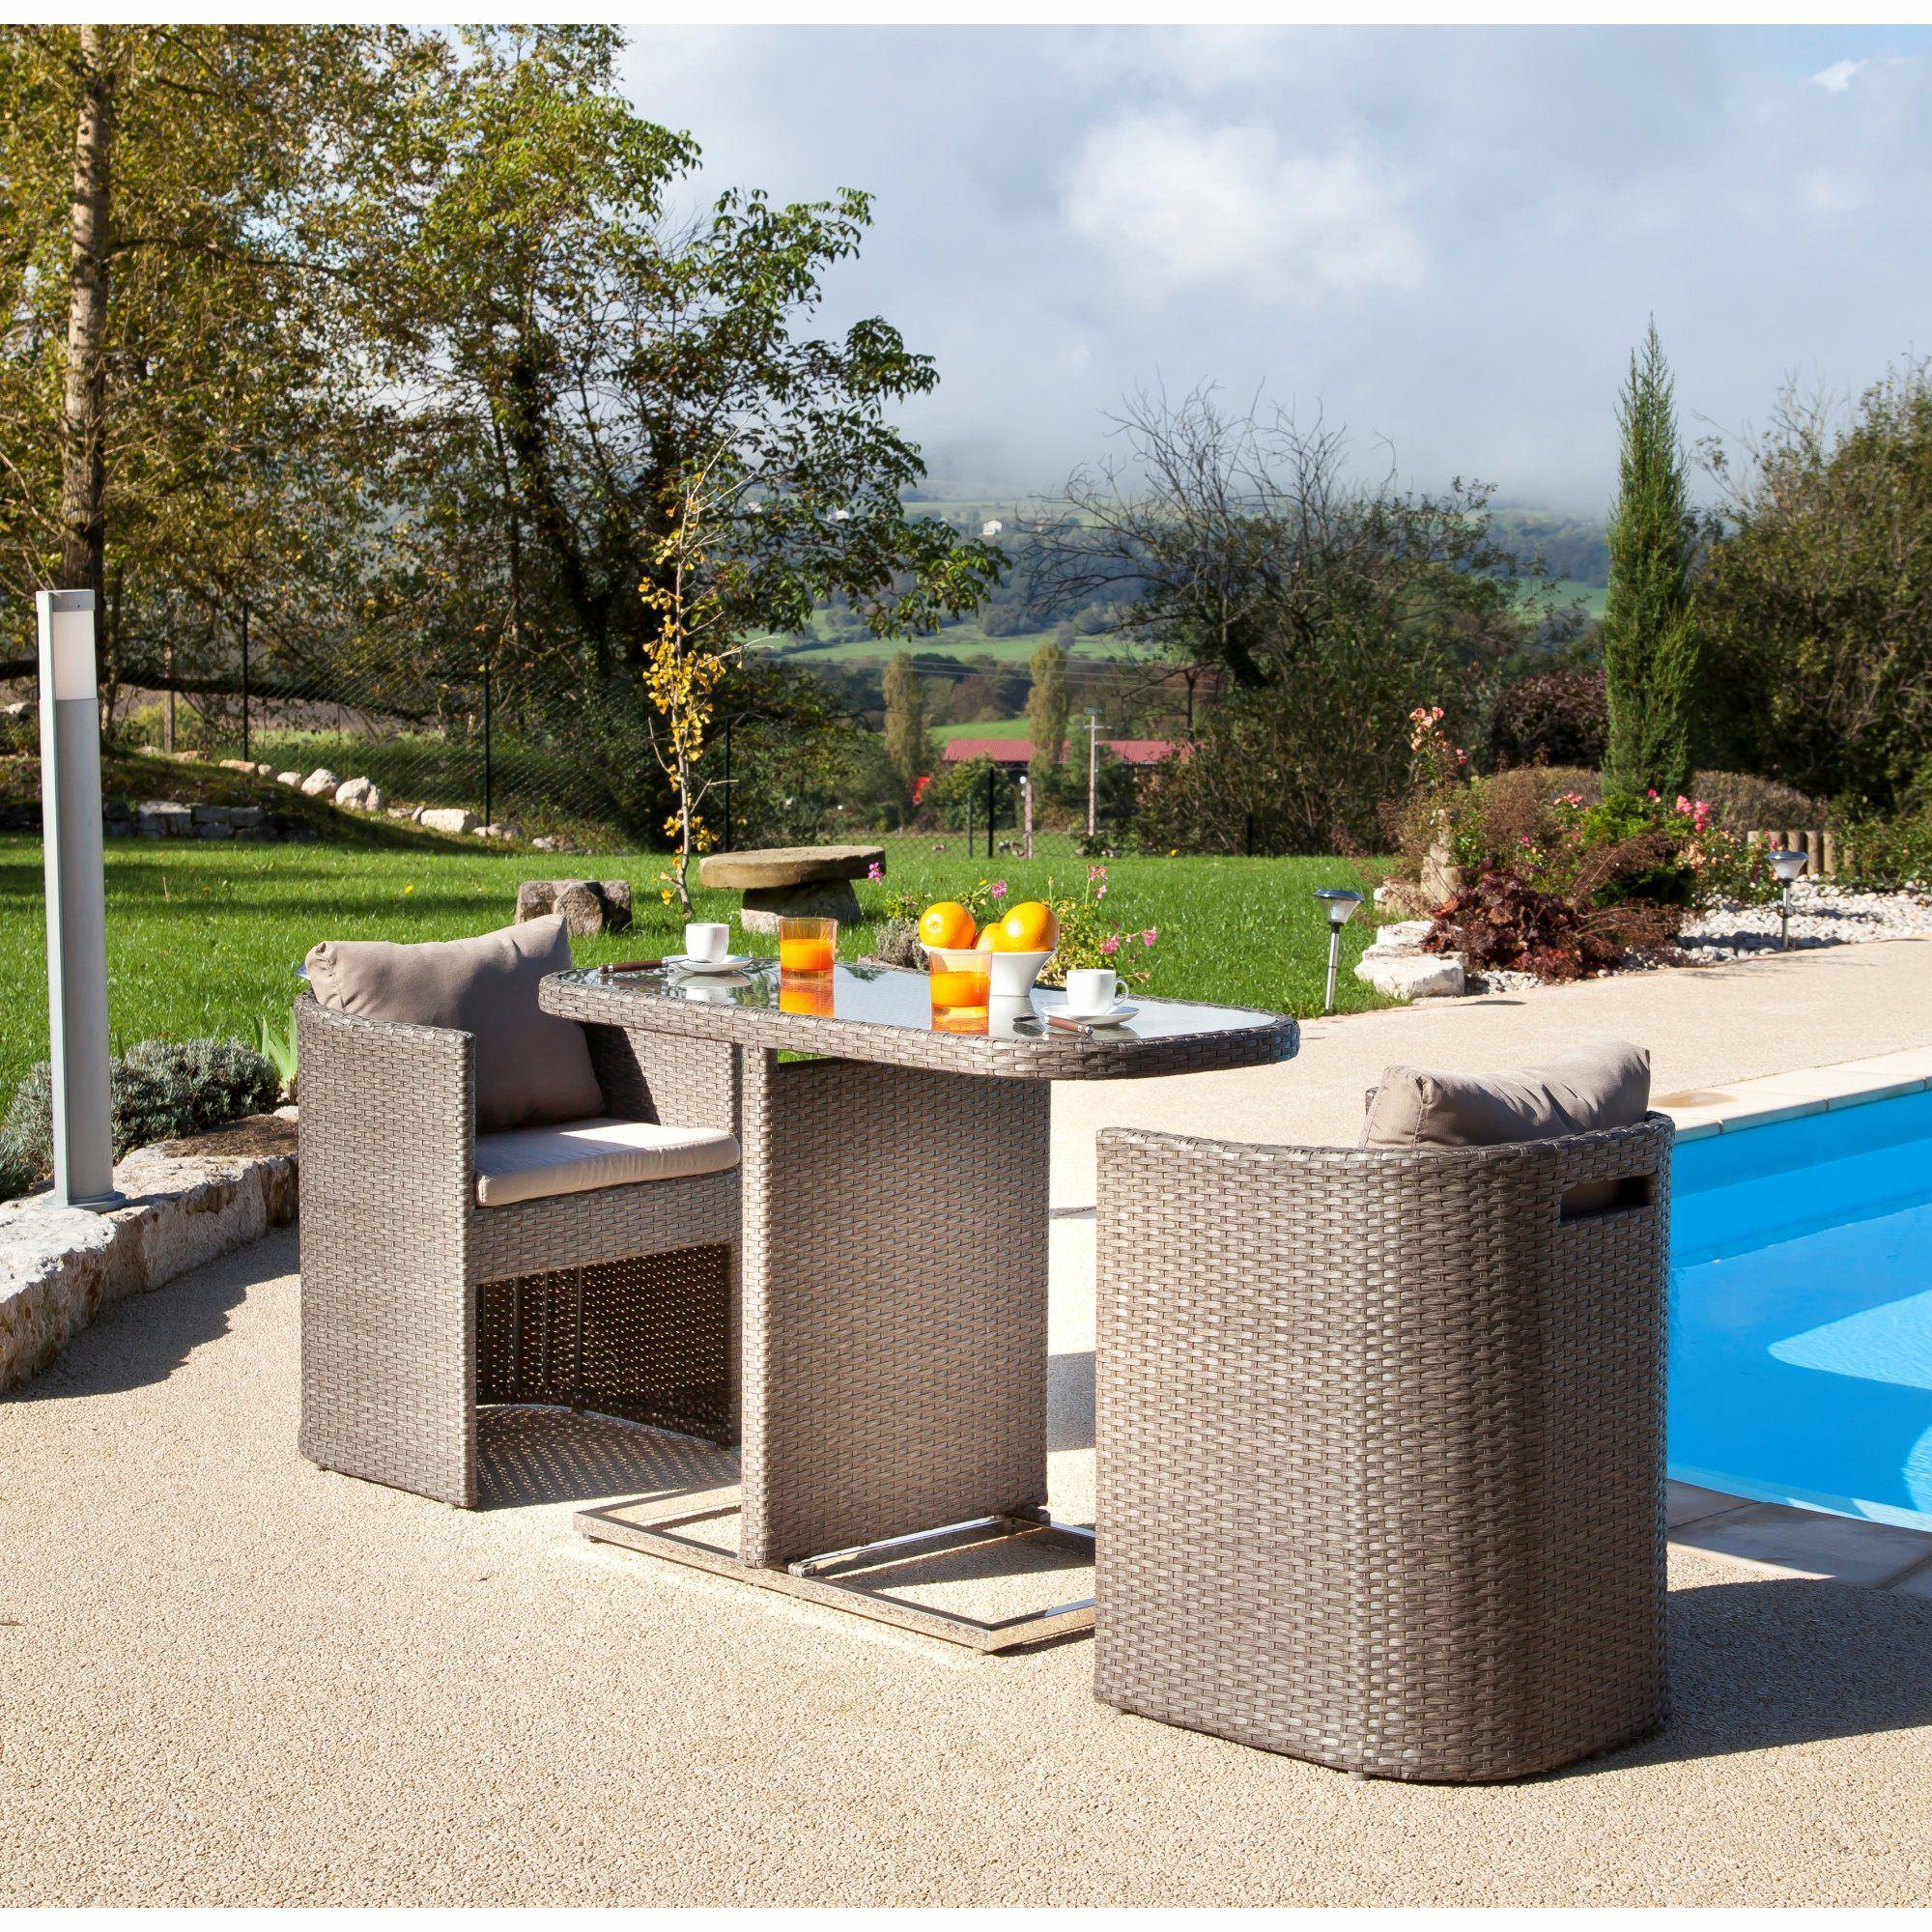 Petite Table Pour Balcon Avec Fauteuils Arrondis Gris - Bari ... dedans Salon De Jardin Pour Balcon